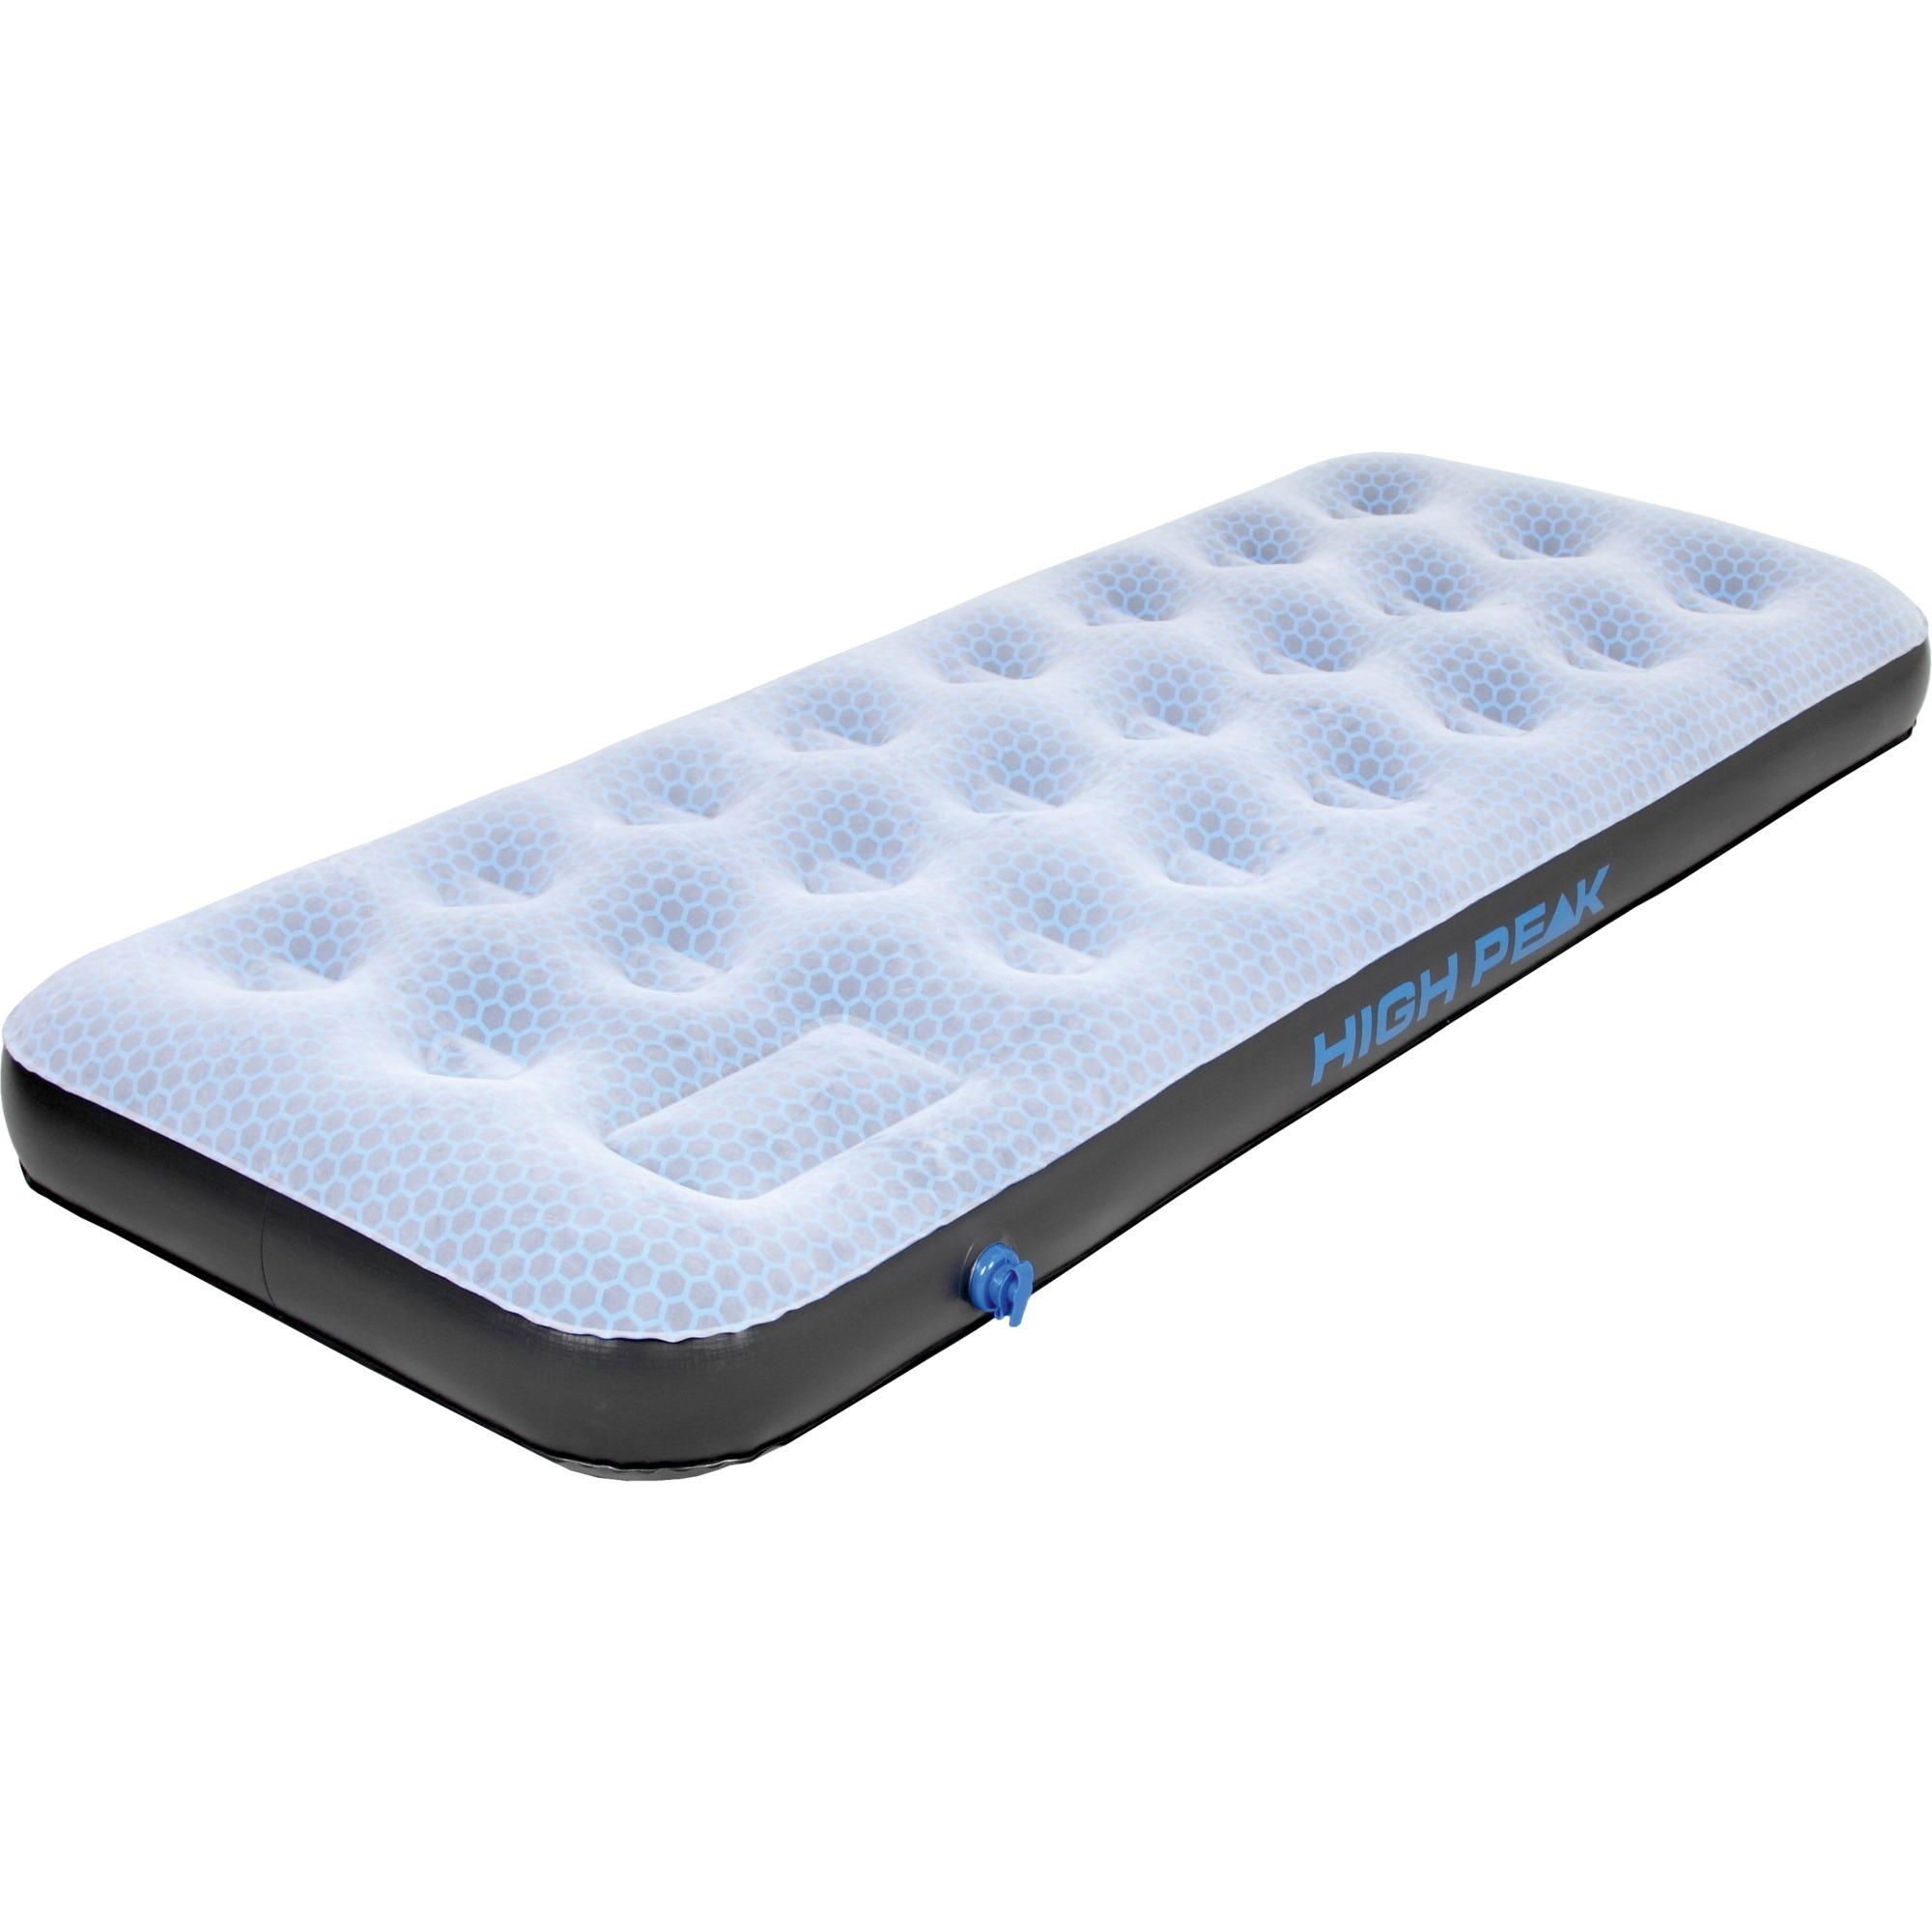 40023, Air bed